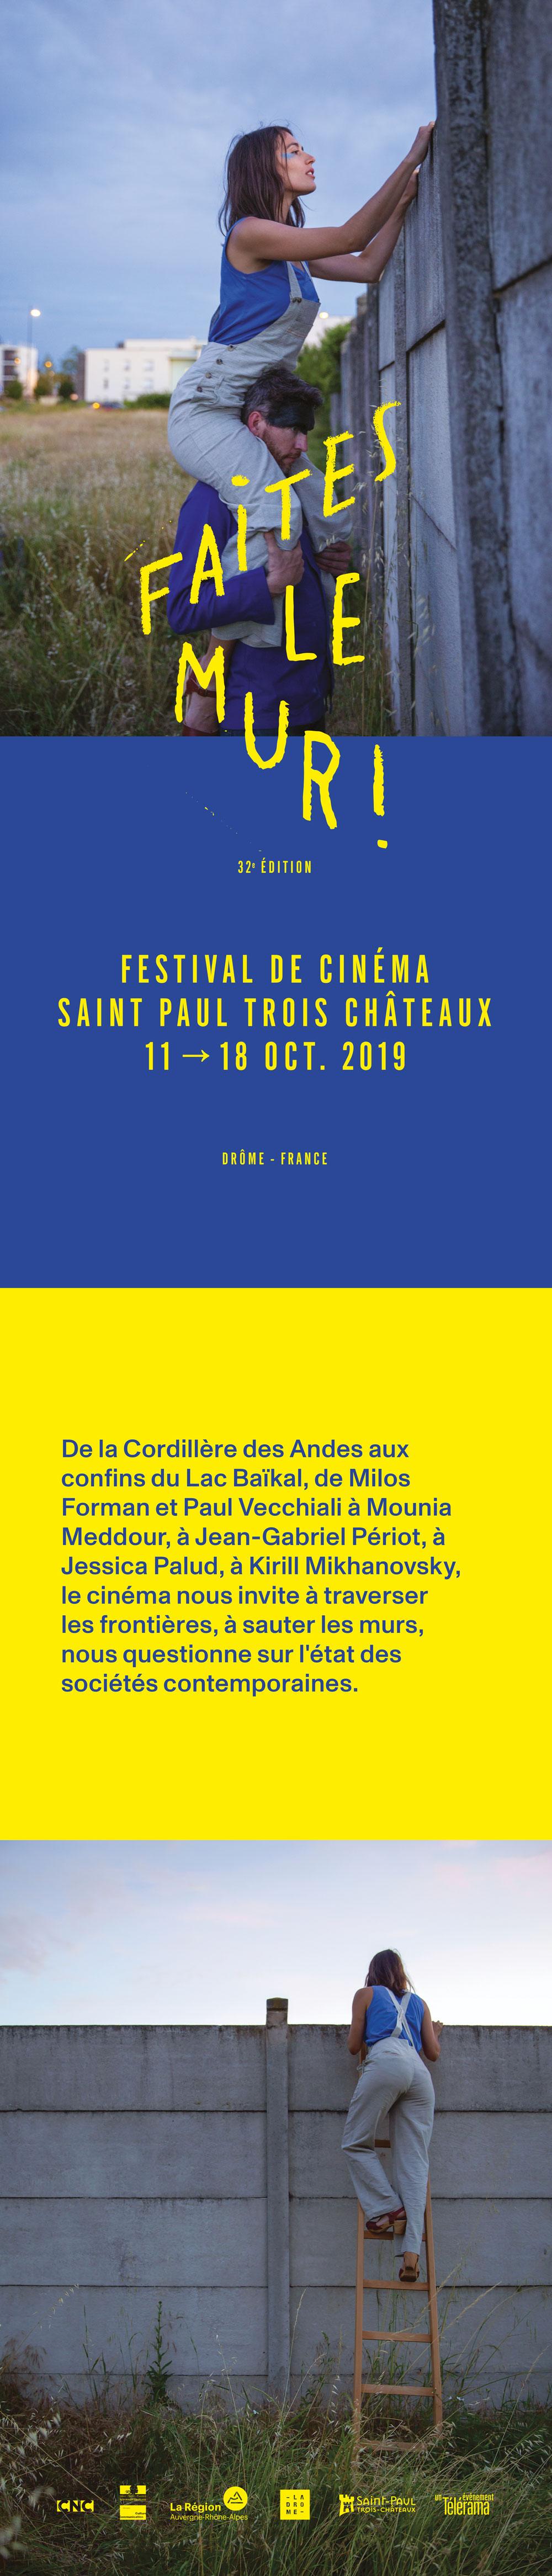 Saint-Paul-Film-Festival_Design-2019©-Studio-Cosmos